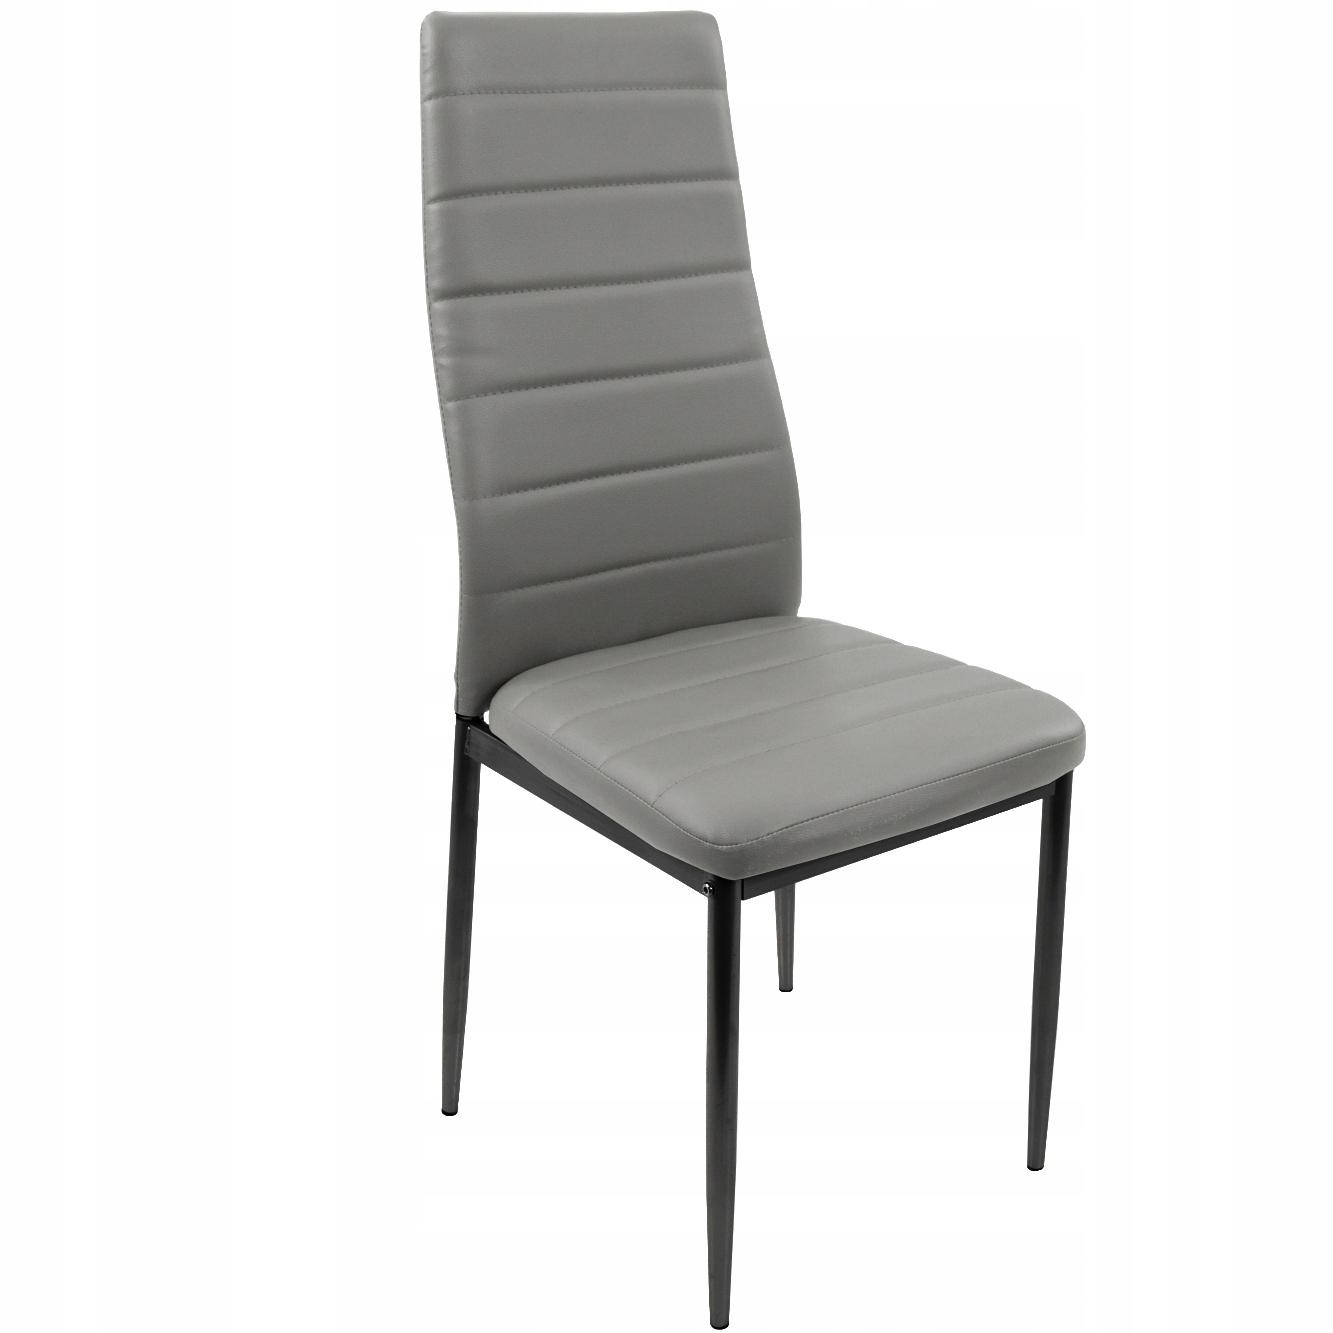 Komplet 6 krzeseł Krzesła KUCHENNE industrialne